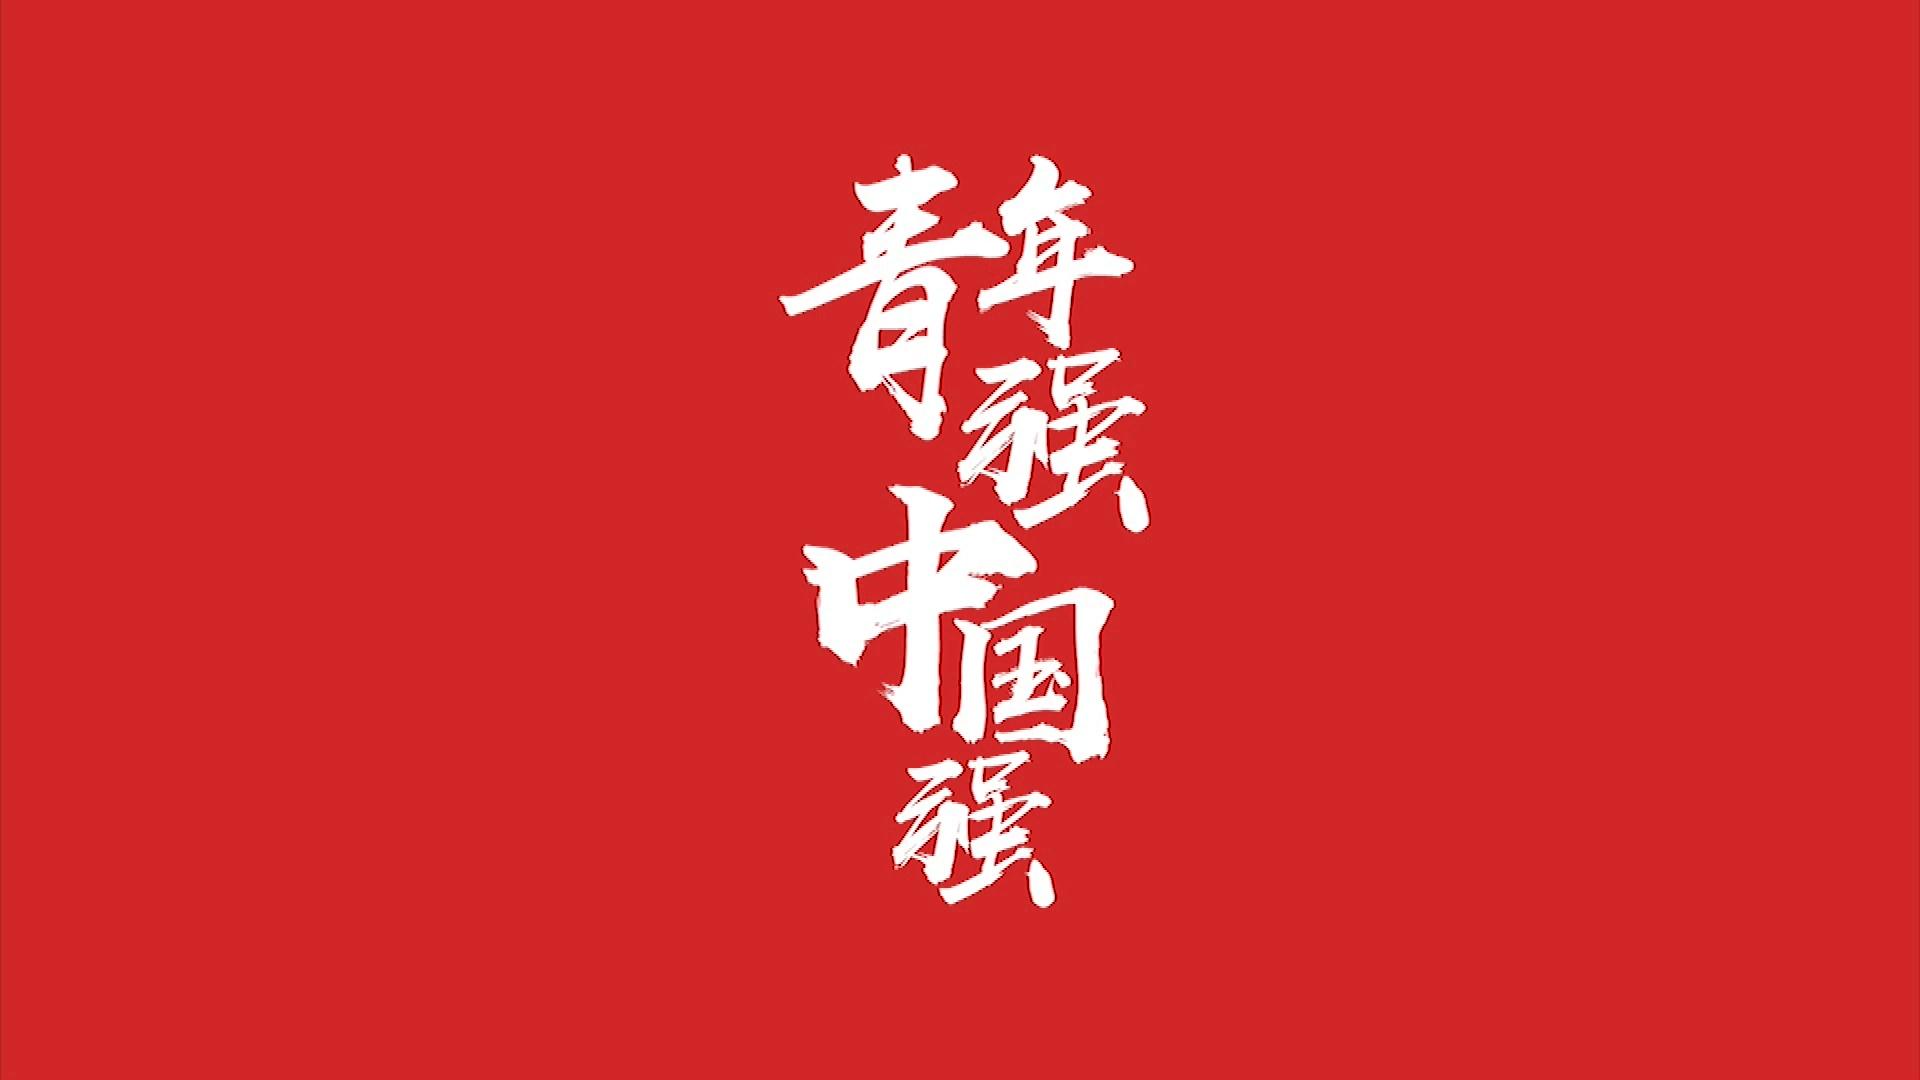 慶祝新中國成立70周年 《青年強?中國強》打響廣東衛視國慶全新版面頭炮